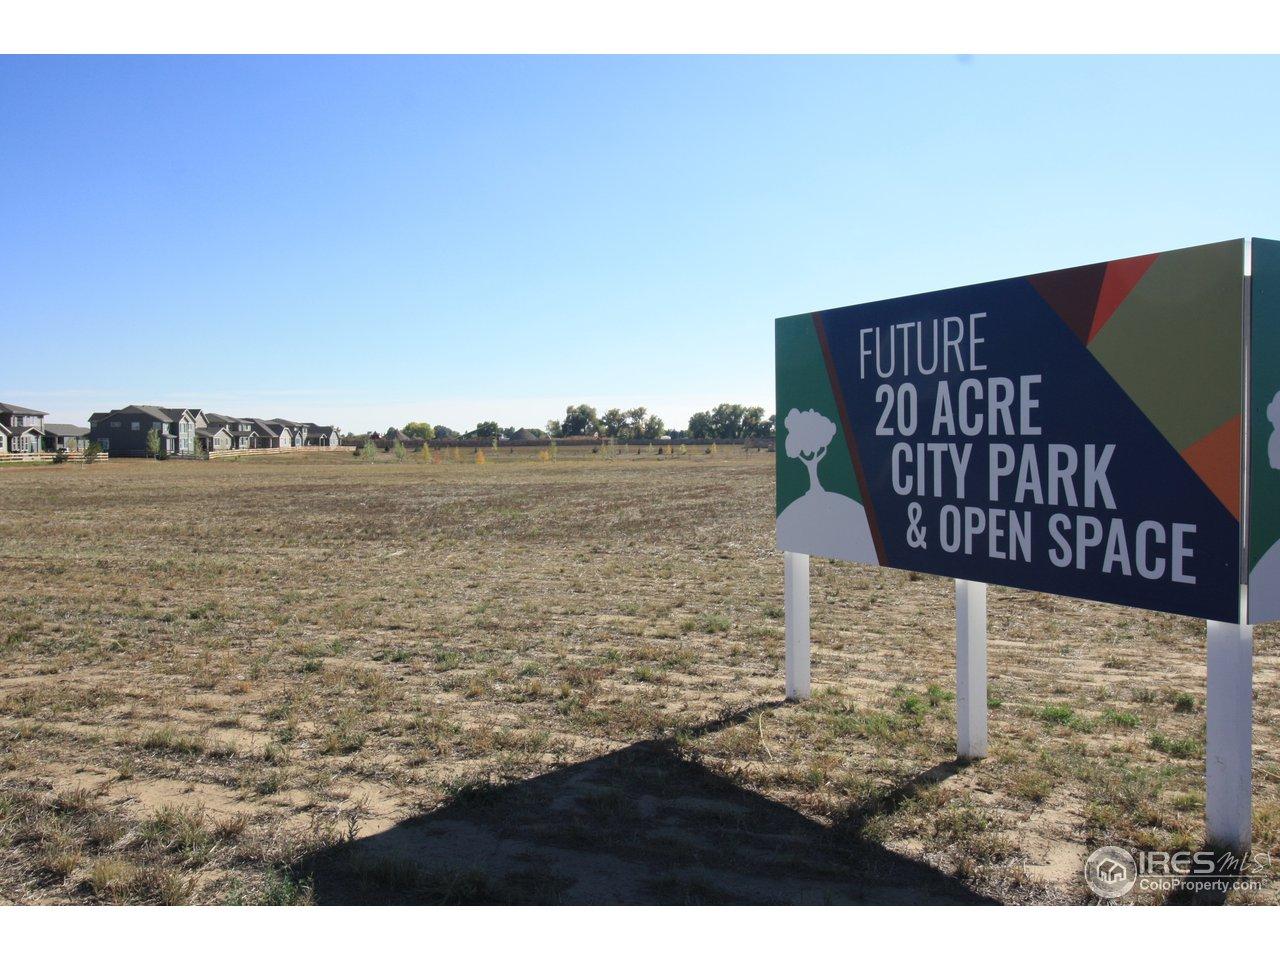 20 acre park planned